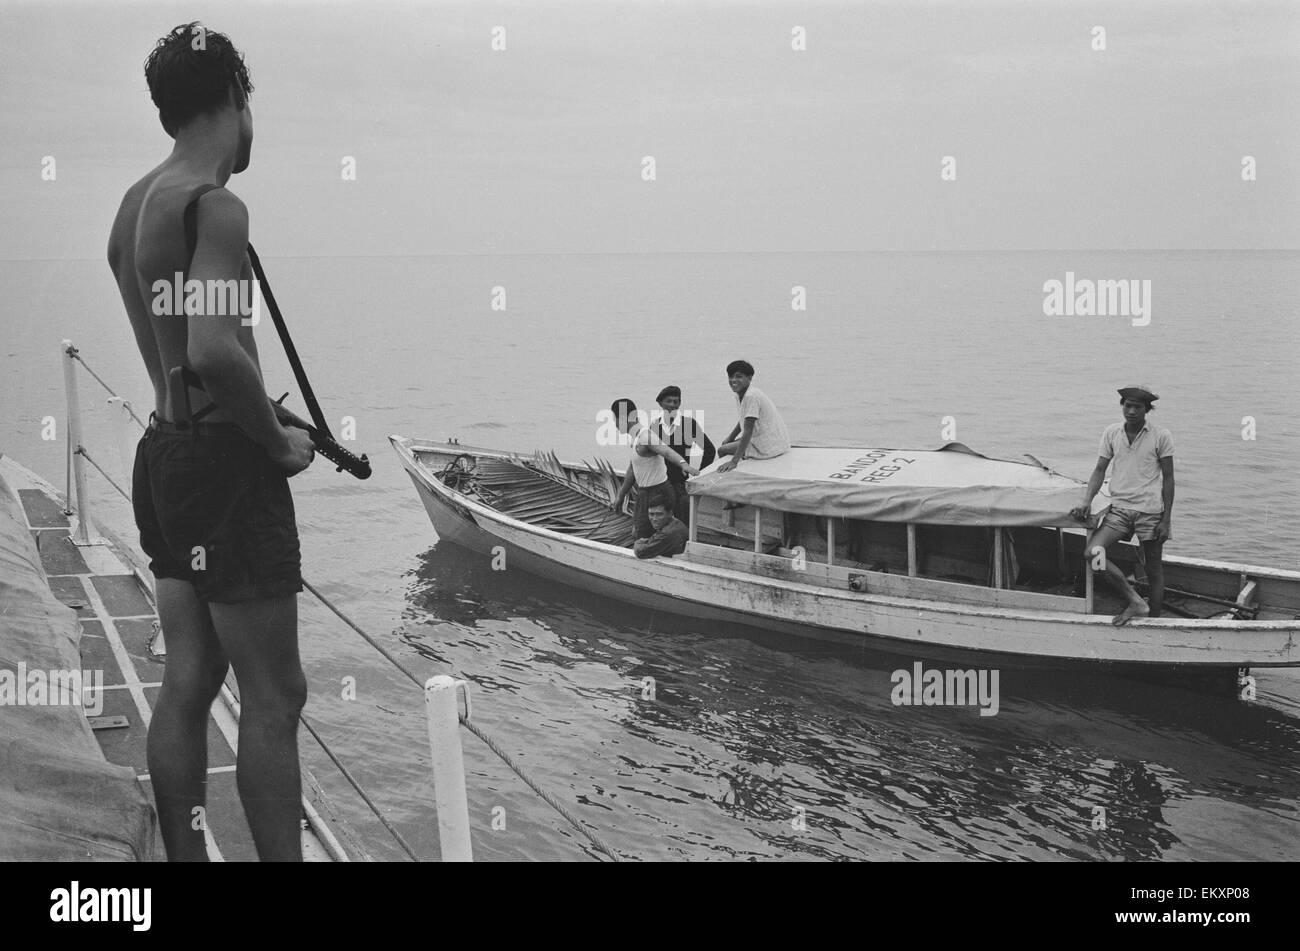 Las tropas británicas en la isla de Borneo. 1964. Imagen De Stock